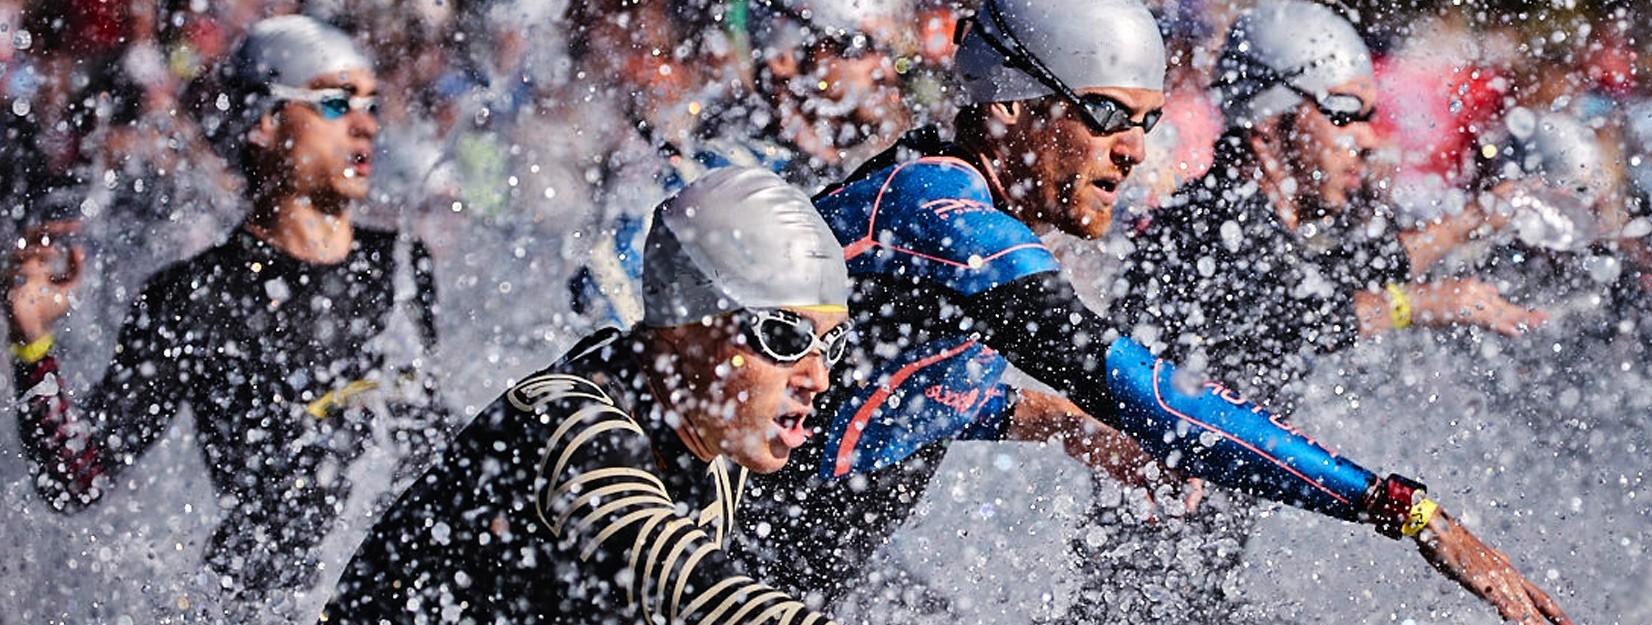 bonnet de bain personnalisé triathlon